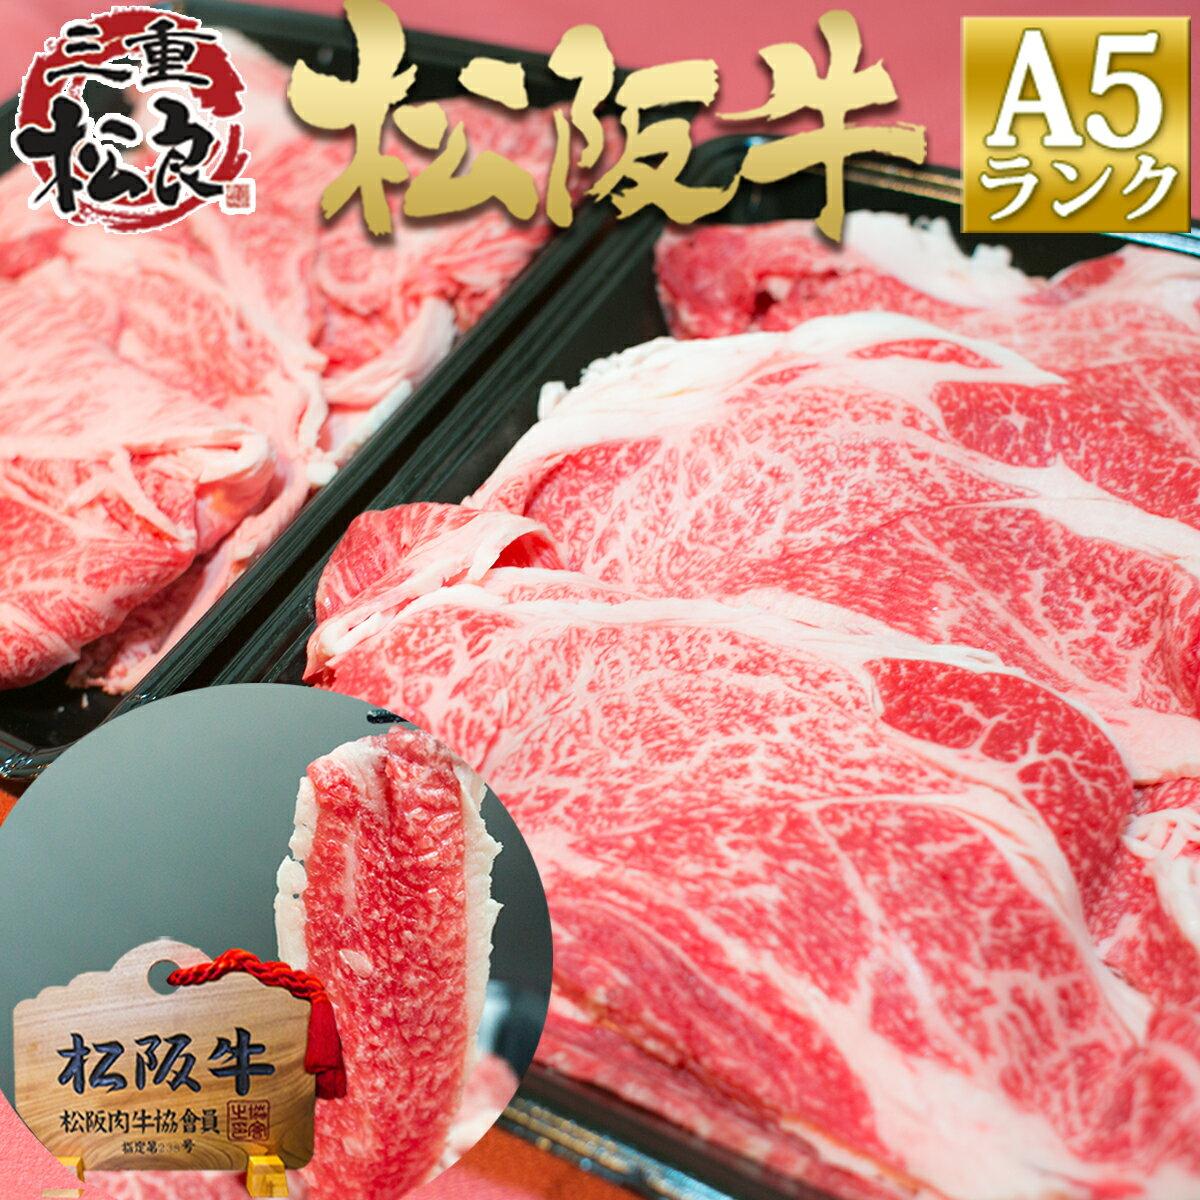 松阪牛 A5ランク メガ盛り 1kg(500g×2個)【送料無料】訳あり 牛肉 牛丼、肉じゃがに!松坂牛 すき焼き・ステーキ・焼肉の通販は松良で!国産 a5 和牛 母の日 ギフト お歳暮